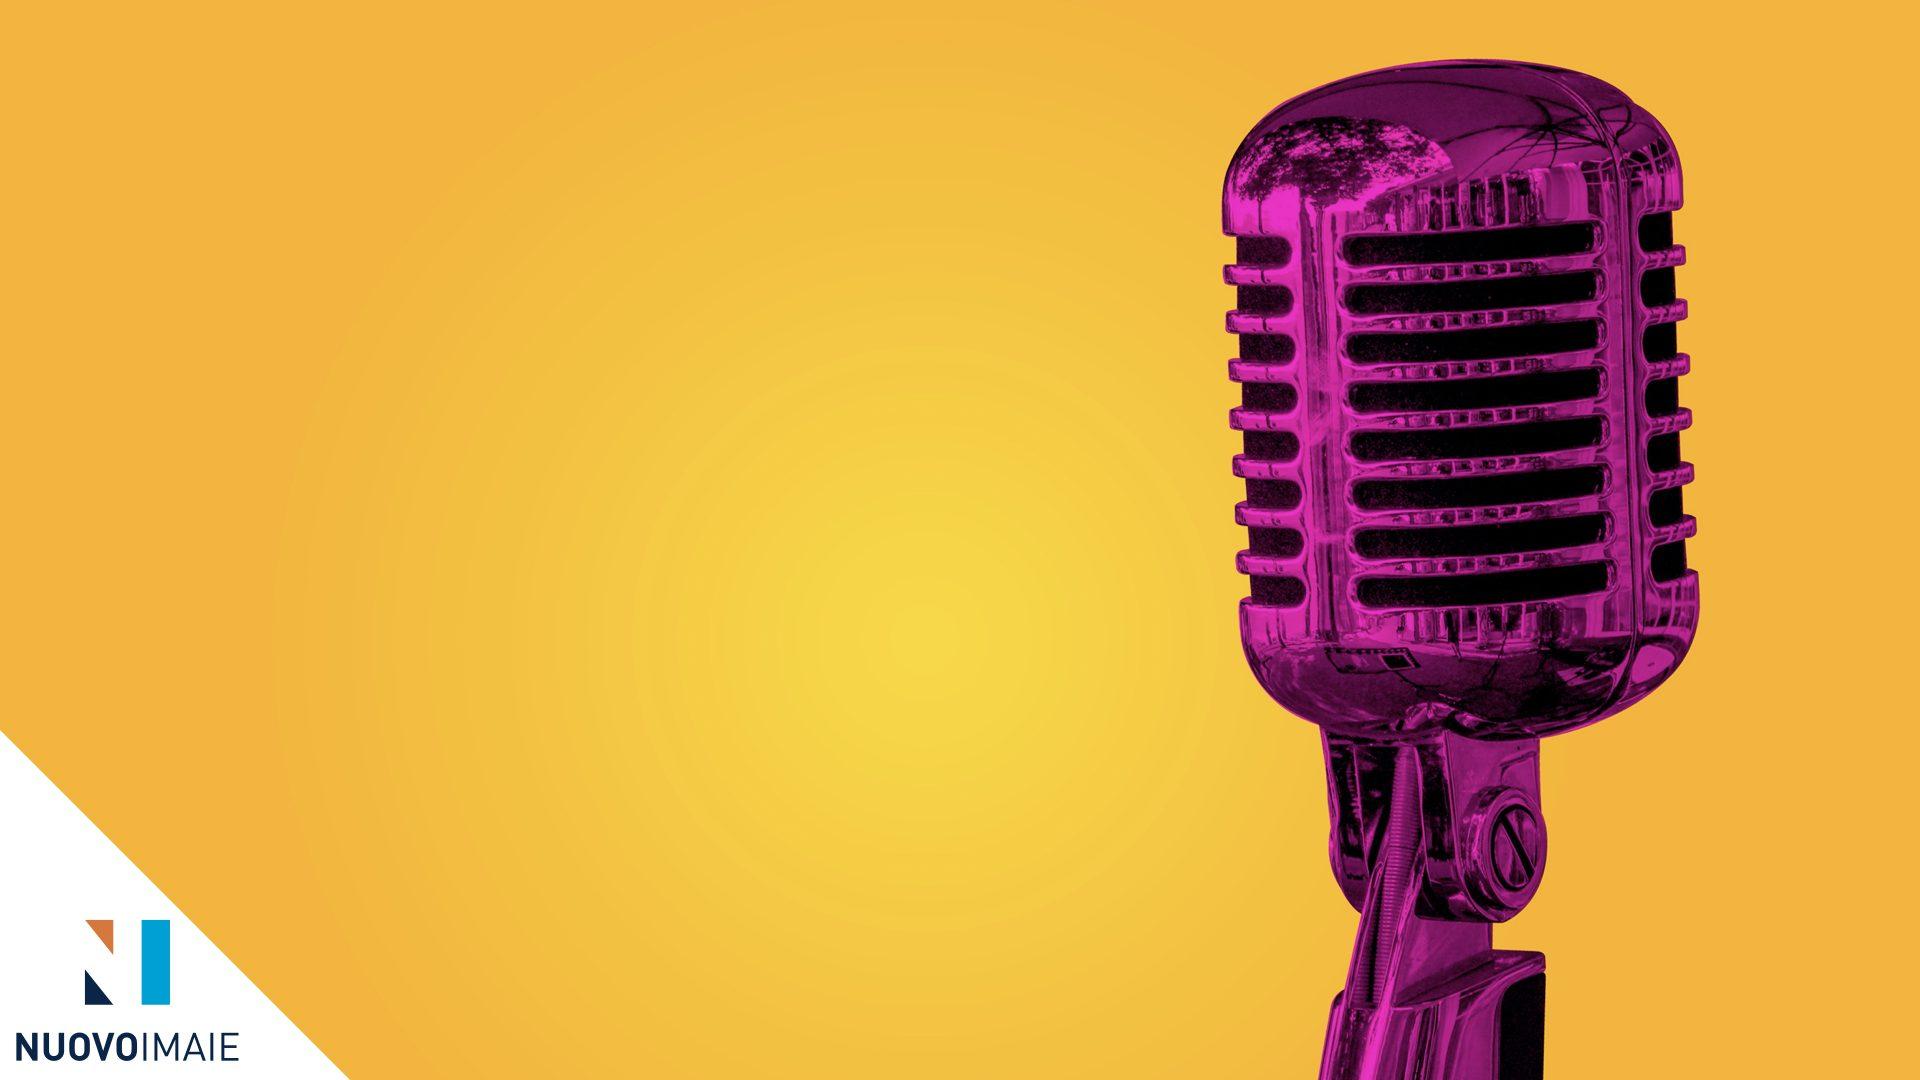 Bando Promozione Premi e Concorsi Musica 2021